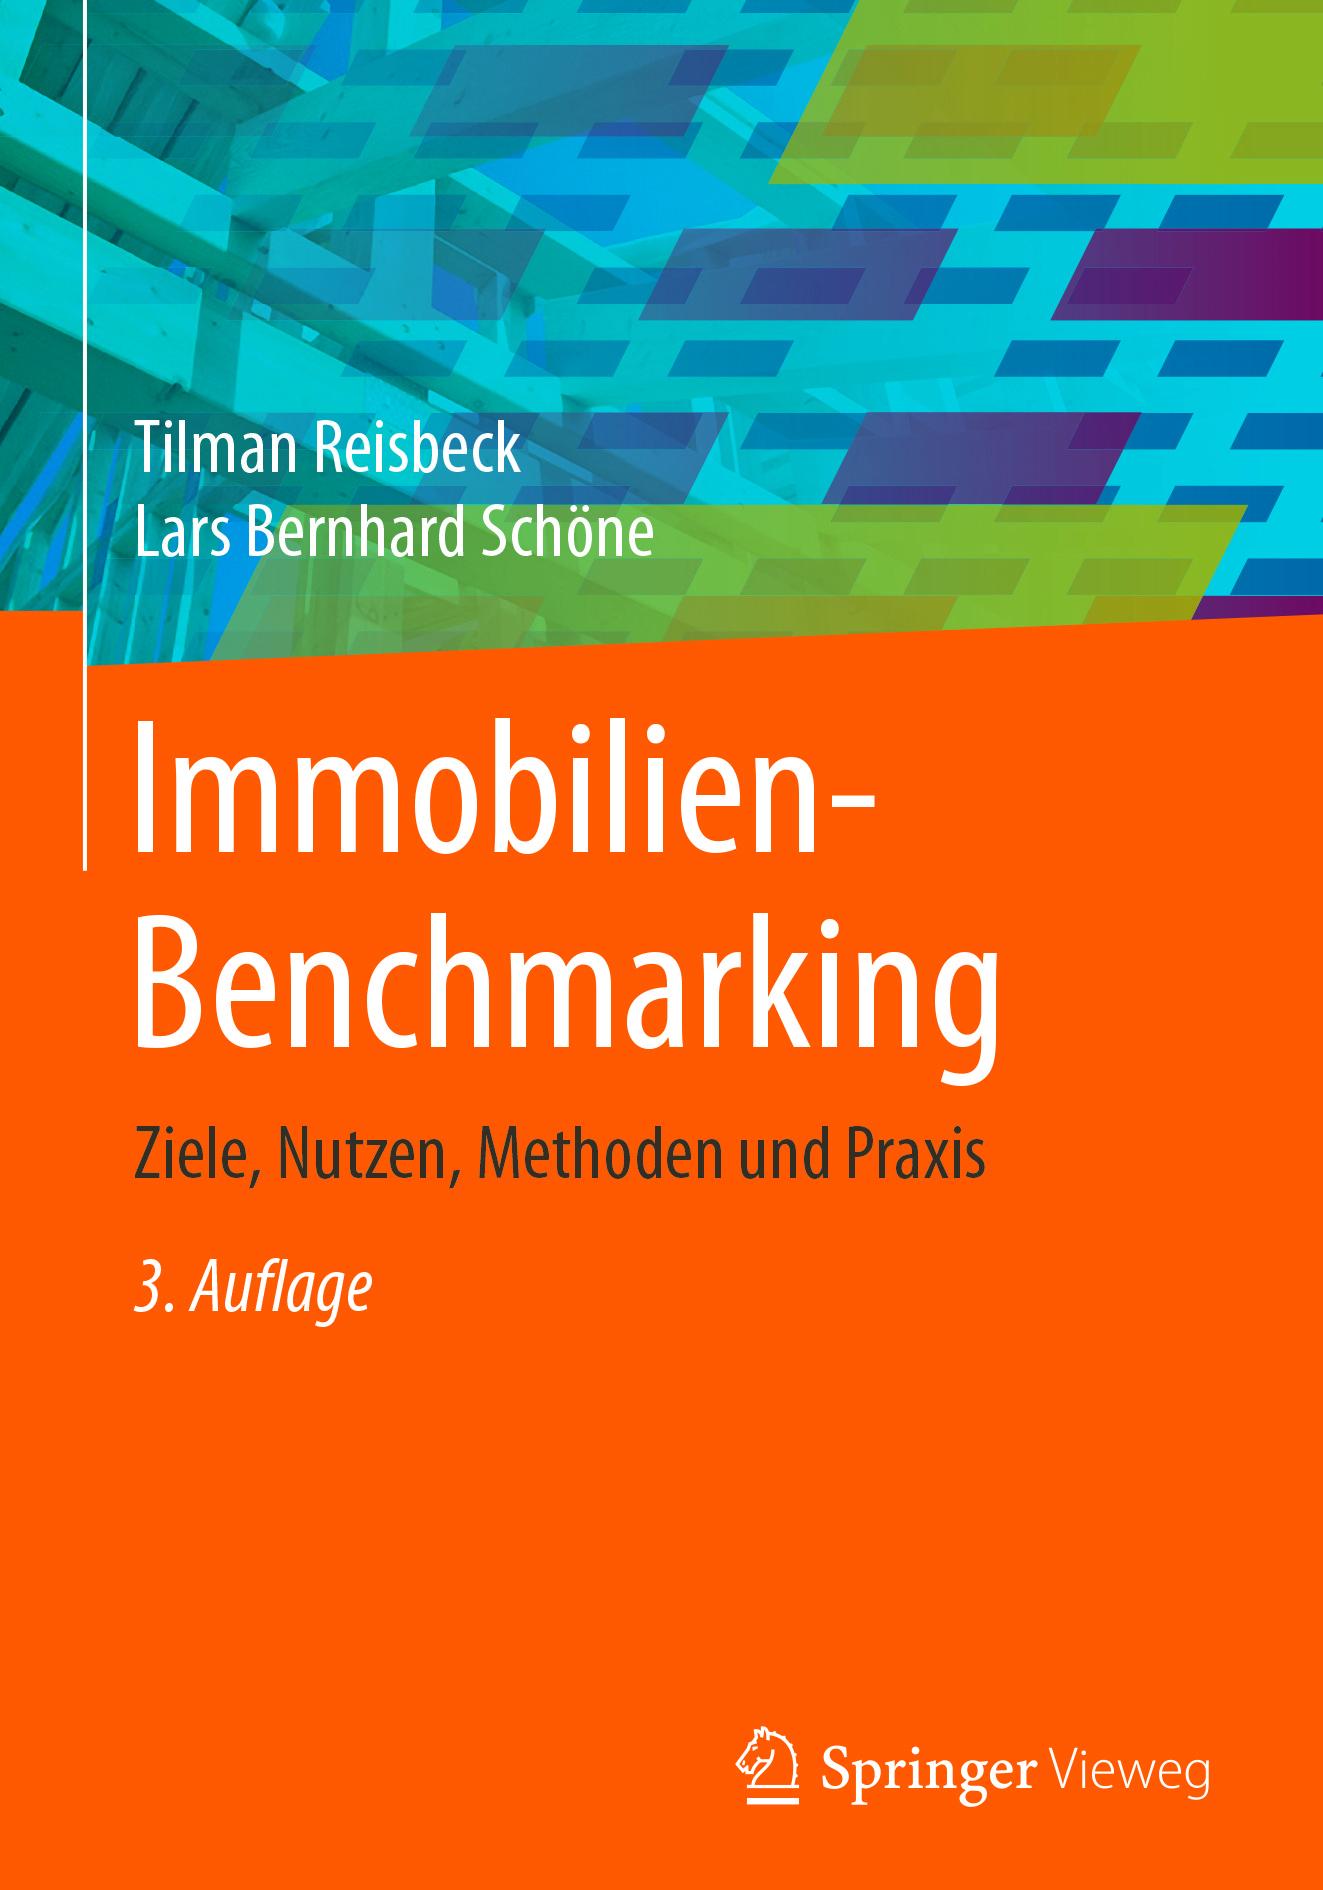 Reisbeck, Tilman - Immobilien-Benchmarking, ebook